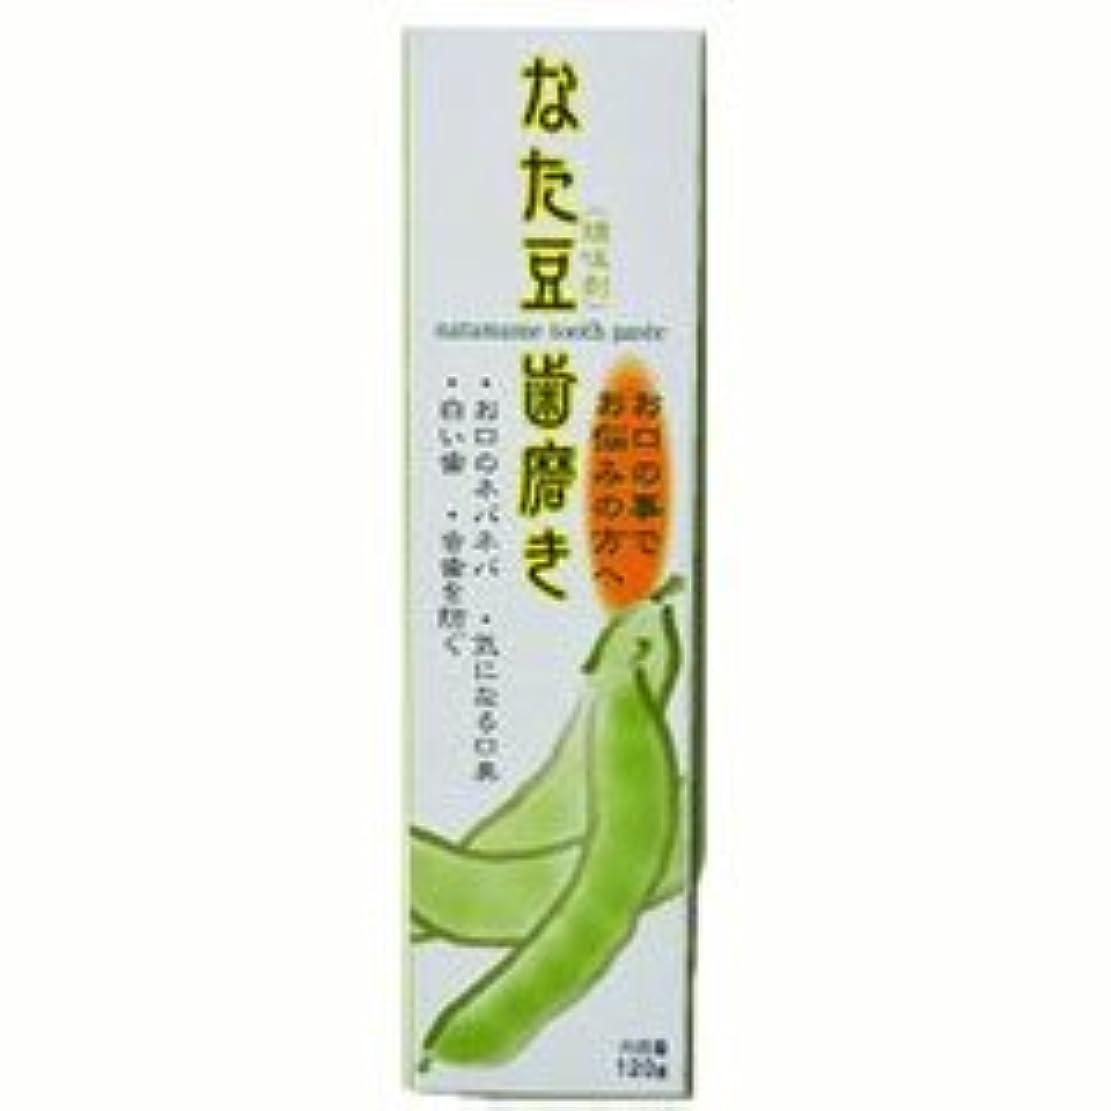 高音艦隊祭司【モルゲンロート】なた豆歯磨き 120g